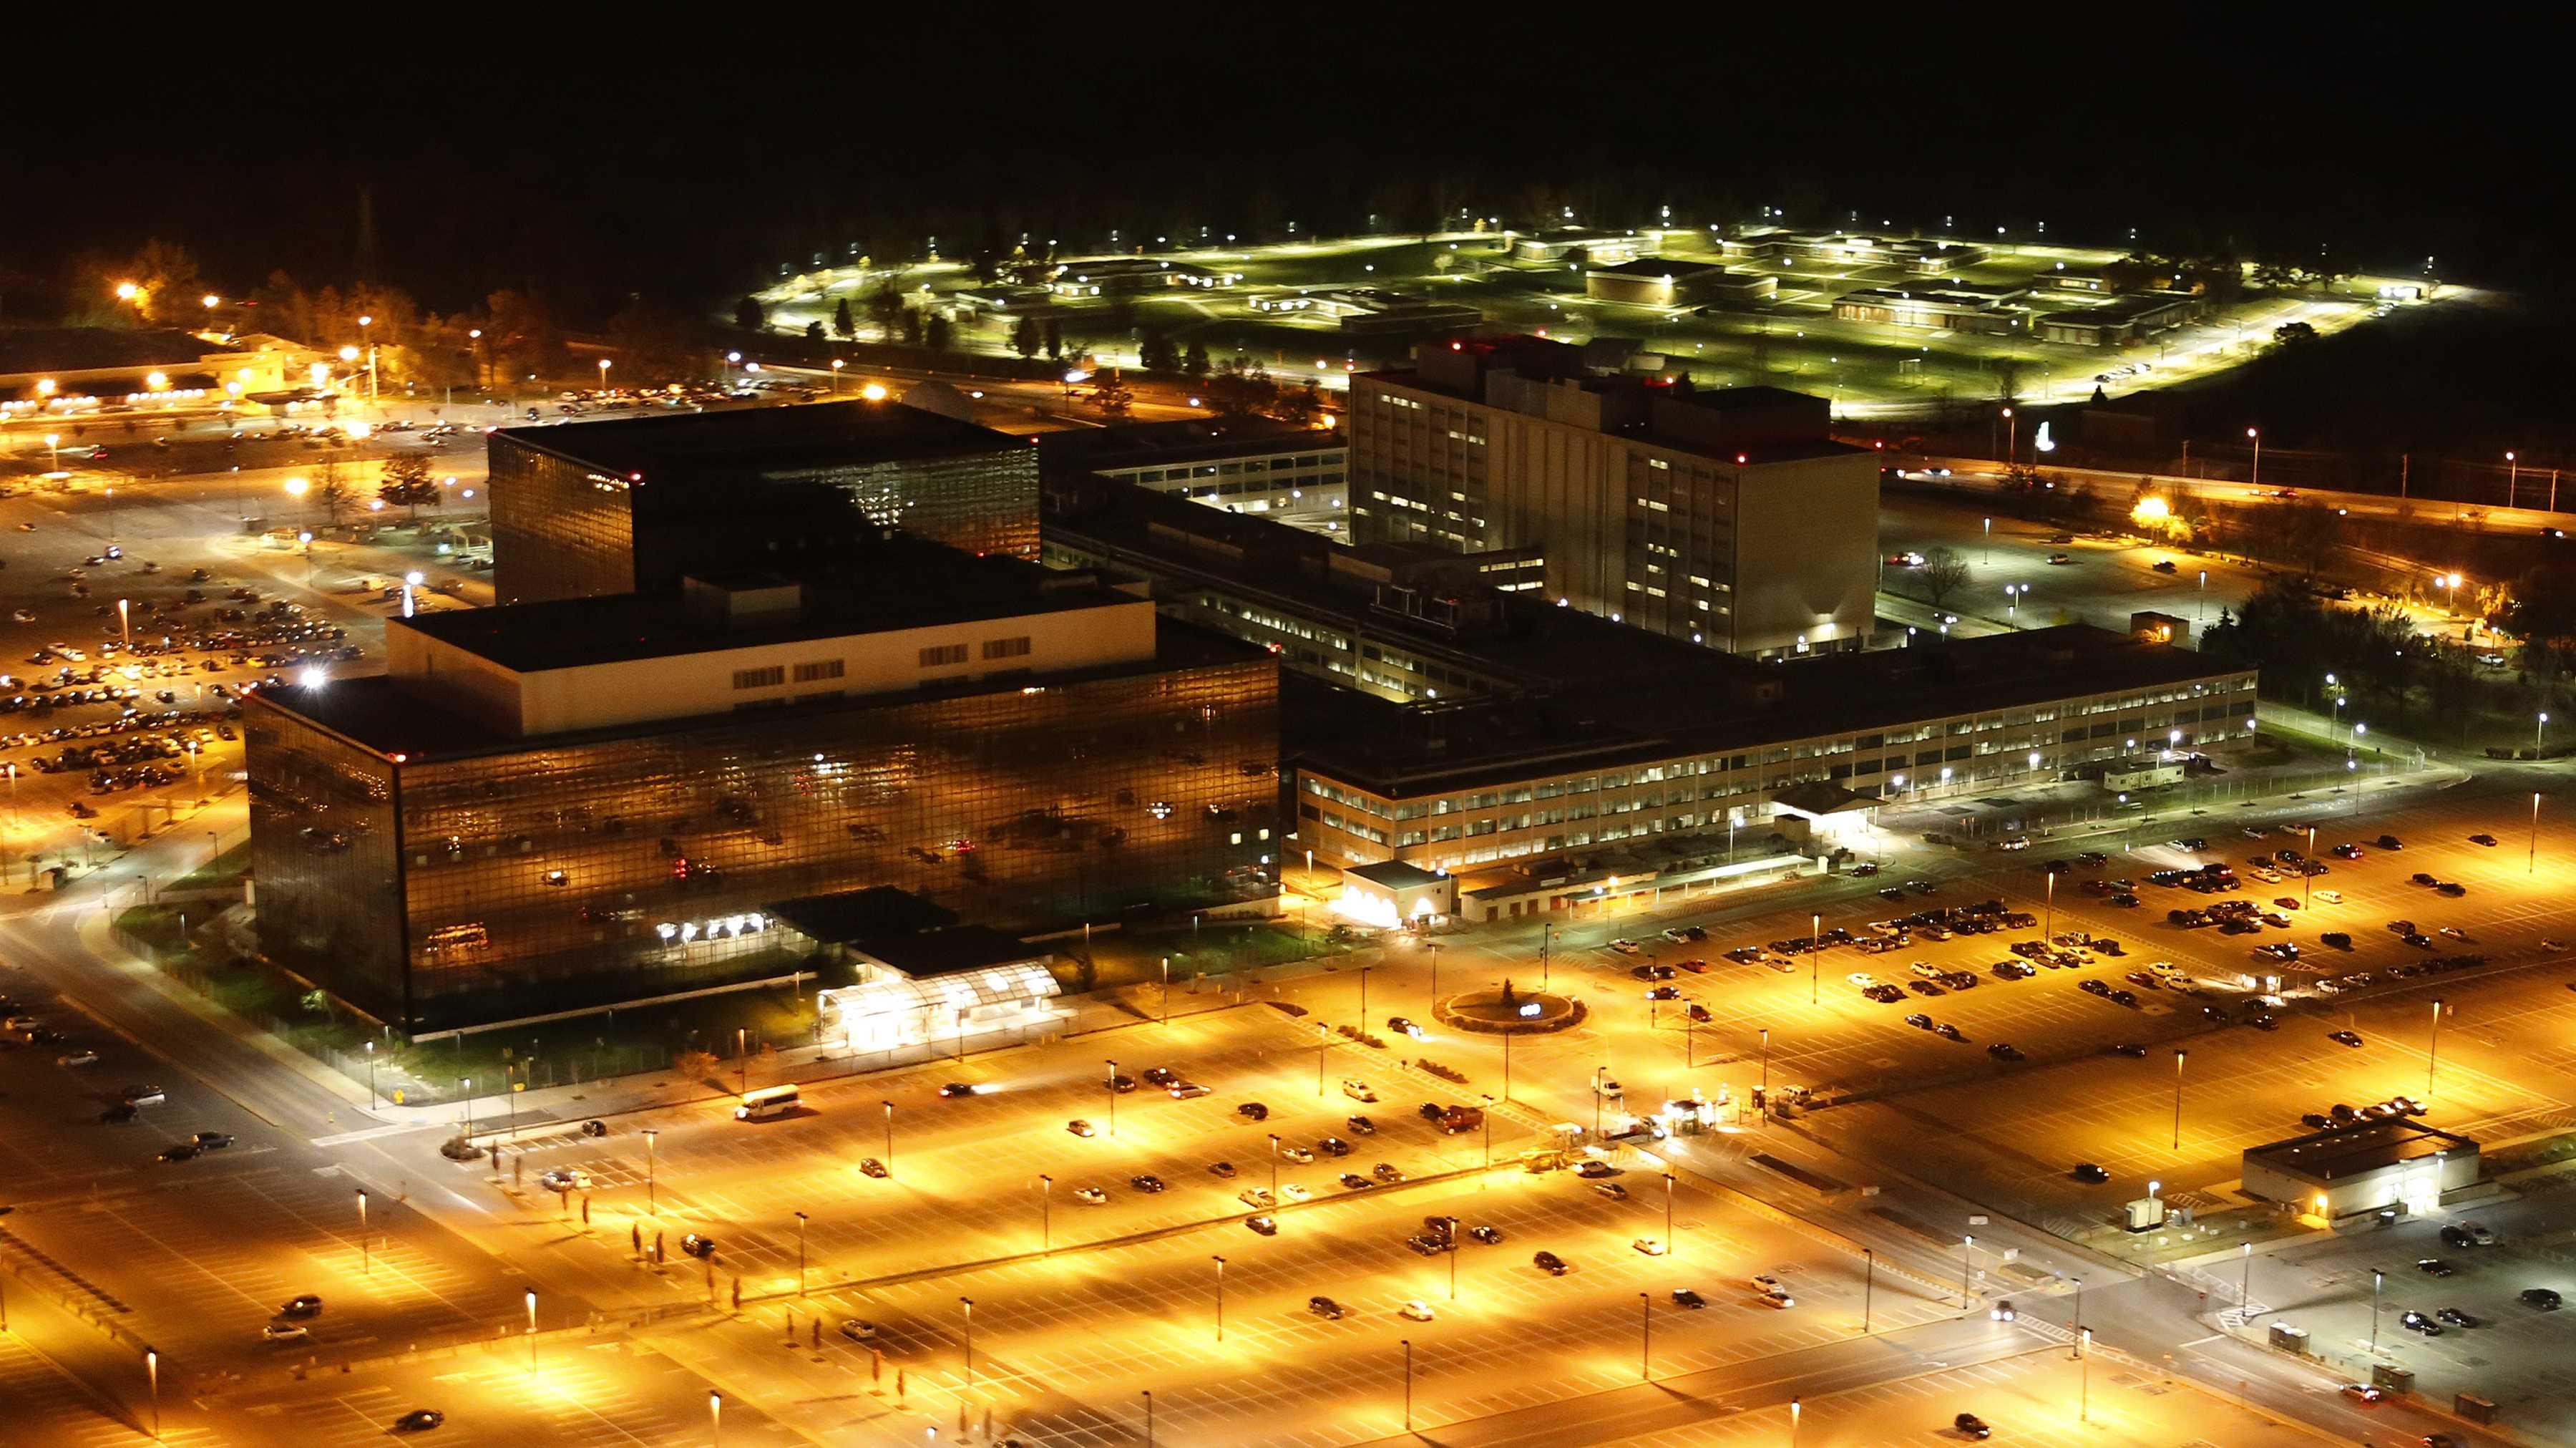 Datendiebstahl: Ex-NSA-Mitarbeiter zu neun Jahren Gefängnis verurteilt